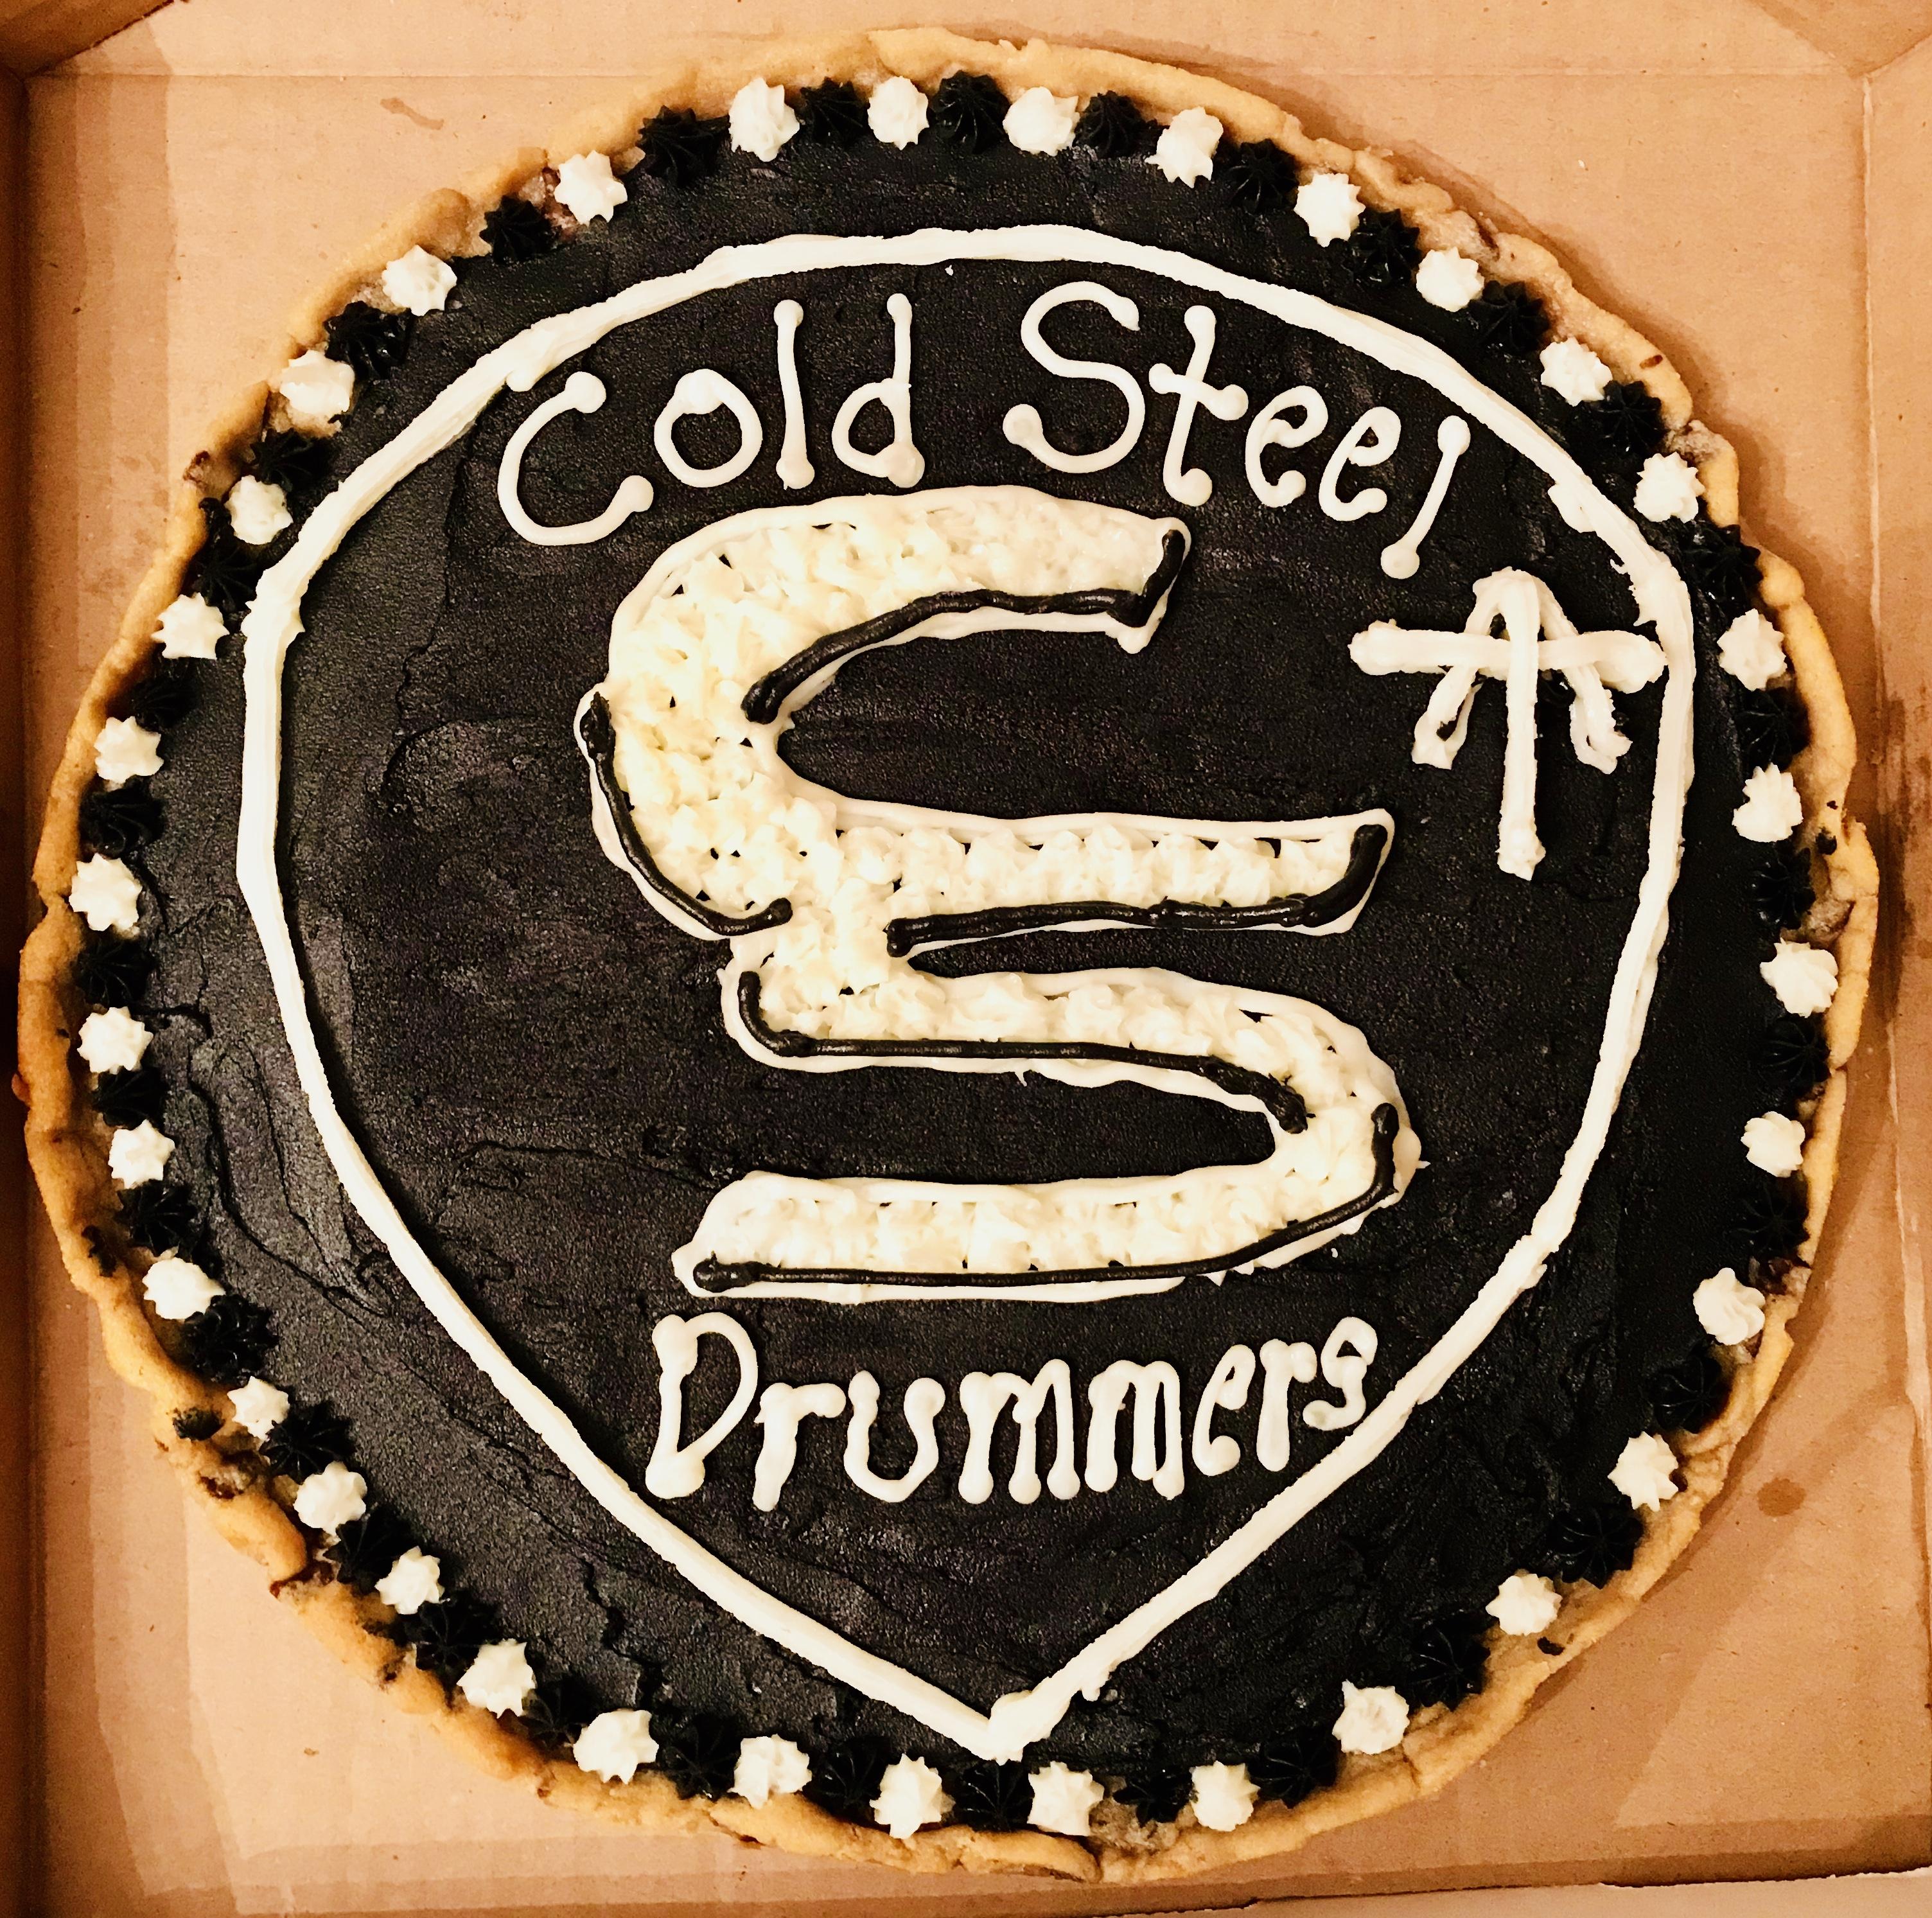 https://0201.nccdn.net/4_2/000/000/06b/a1b/cold-steel-drummers.jpg